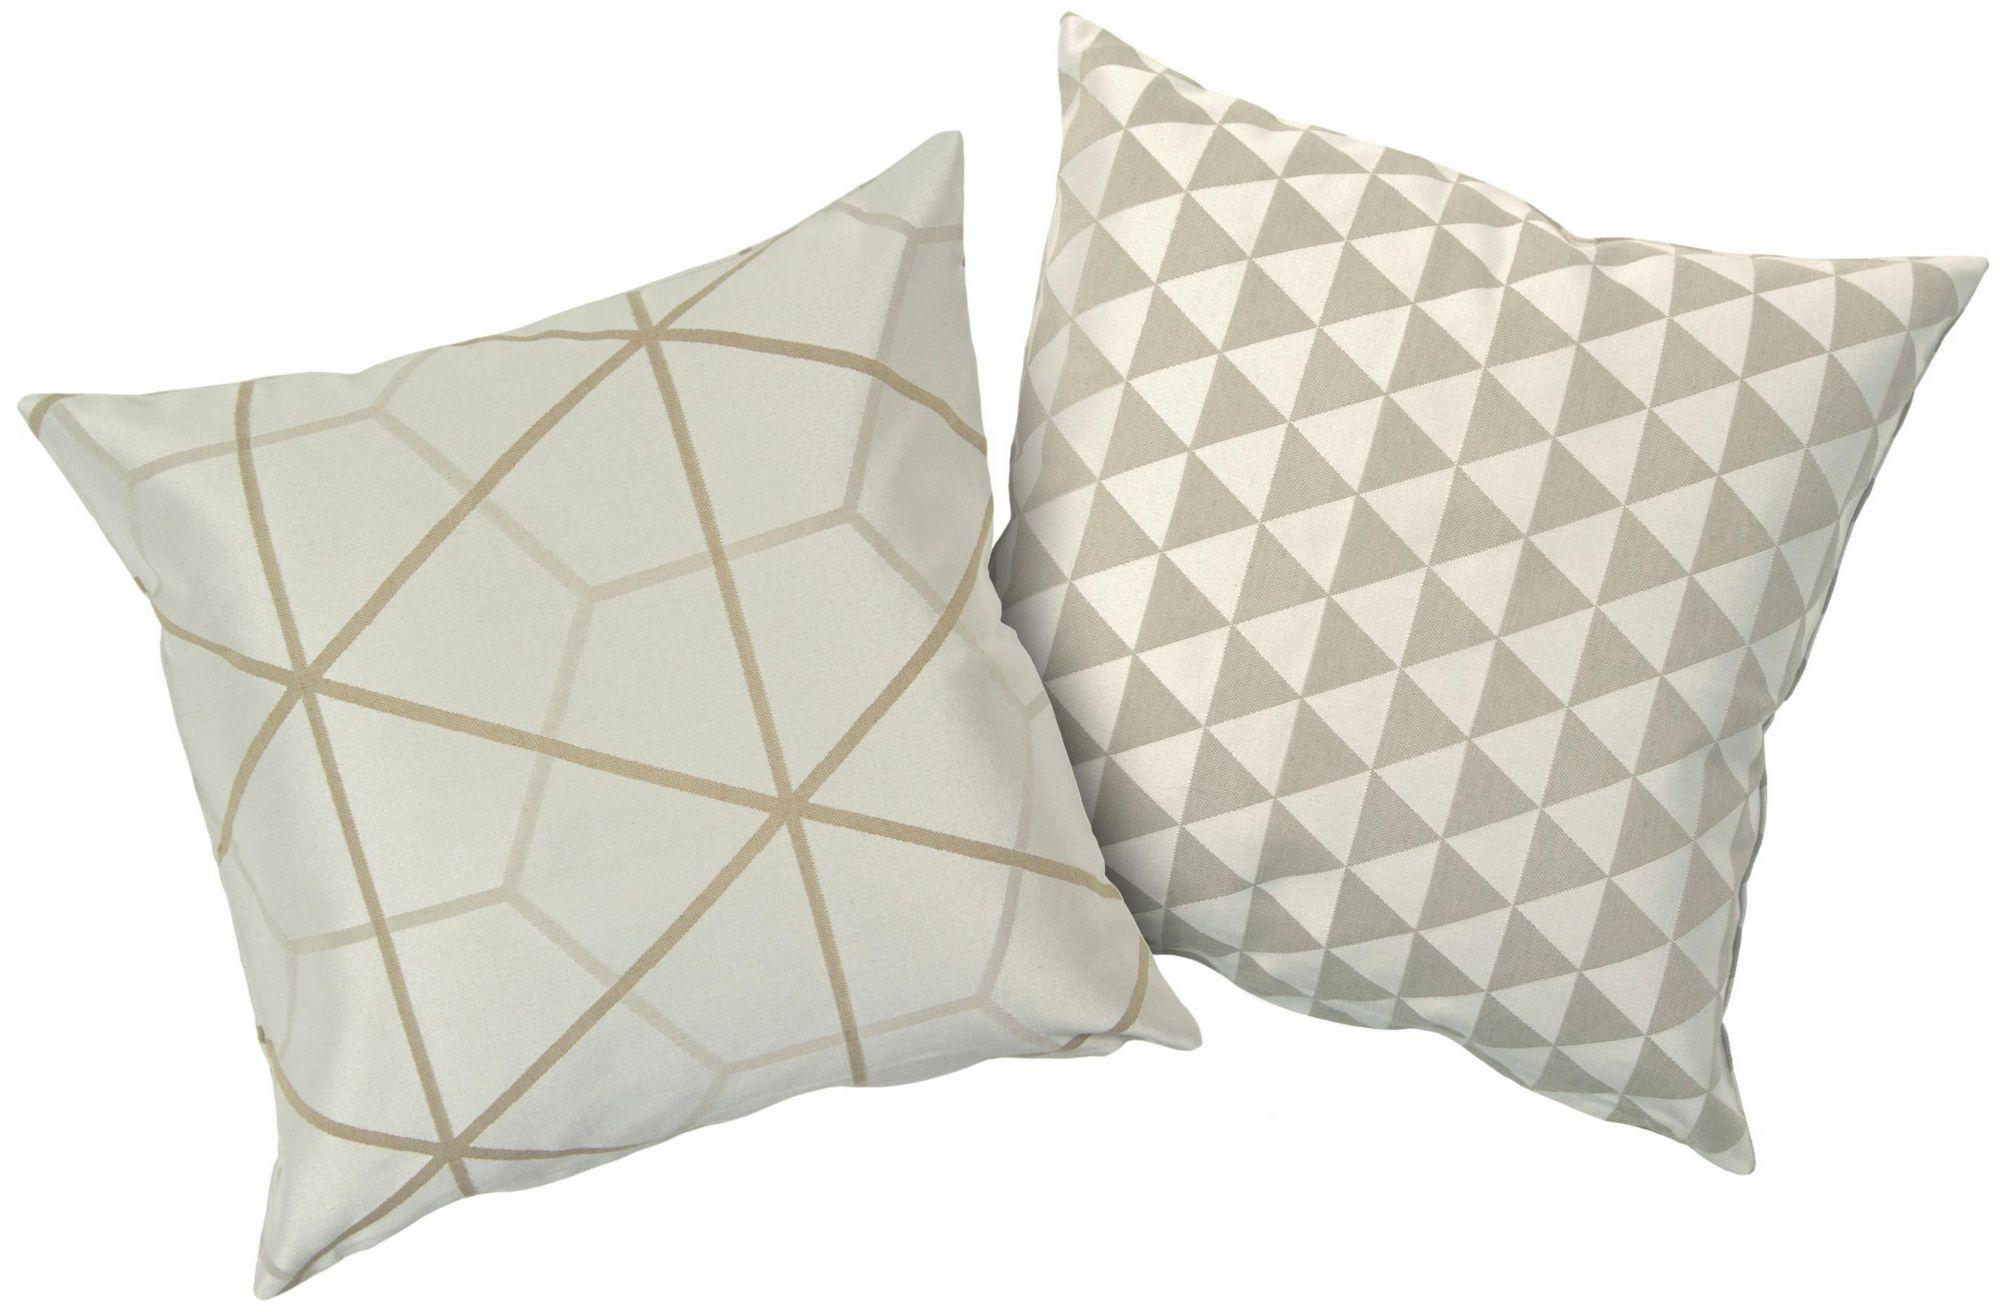 HAGEMANN Kissenbezüge, Hagemann, »Minka«, 2 Stück in unterschiedlichem Design